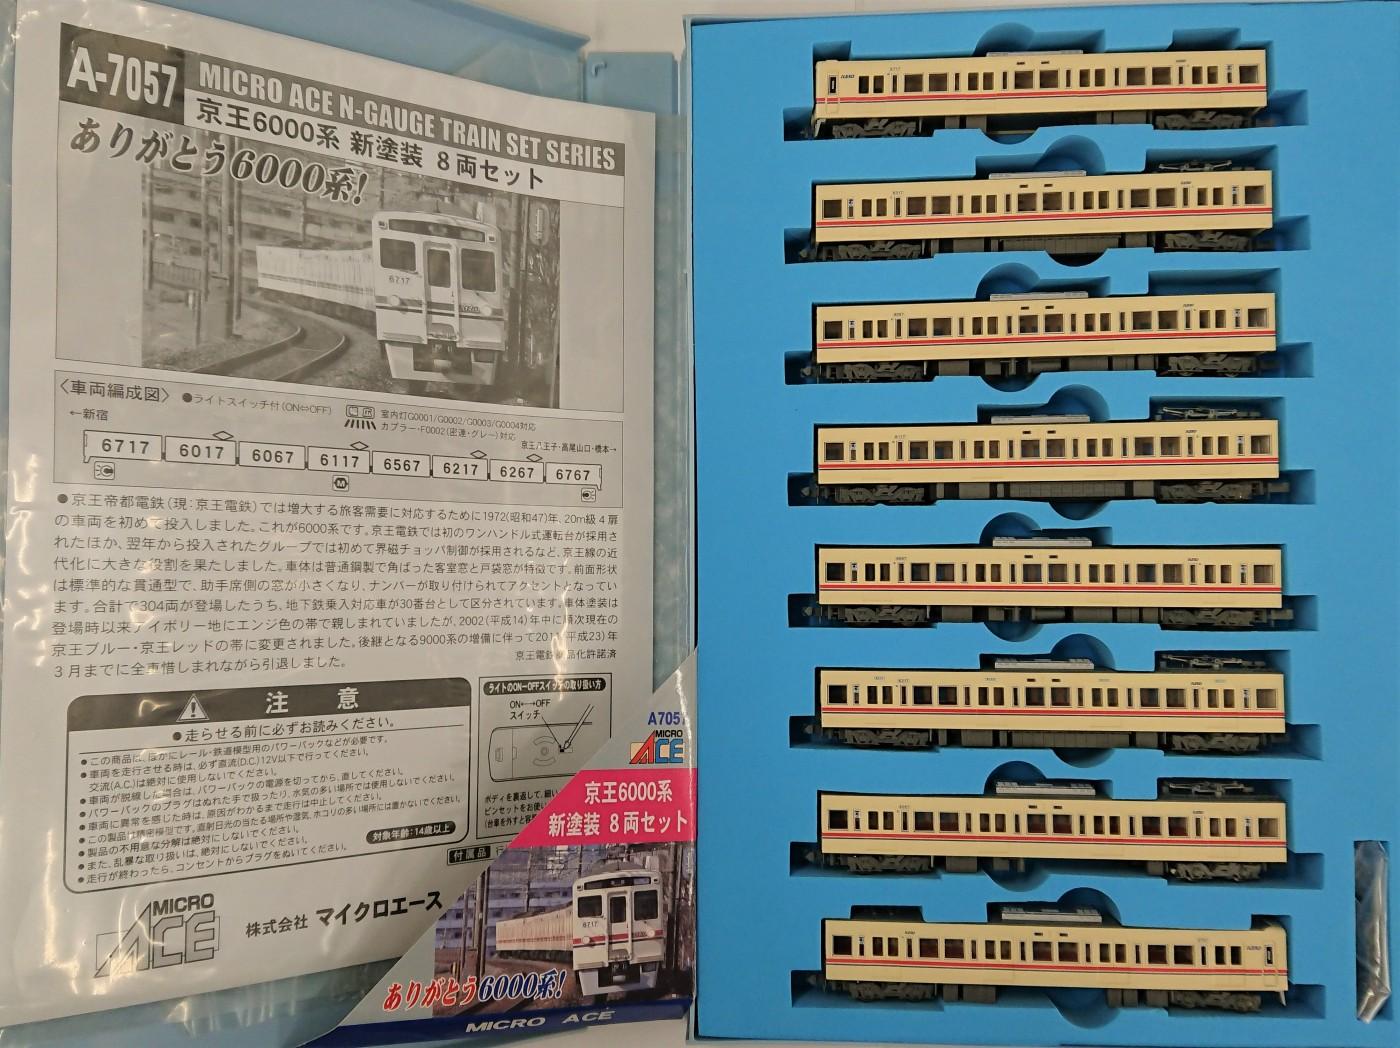 【10月19日更新】ゼスト相模原店のりもの館 鉄道模型在庫情報